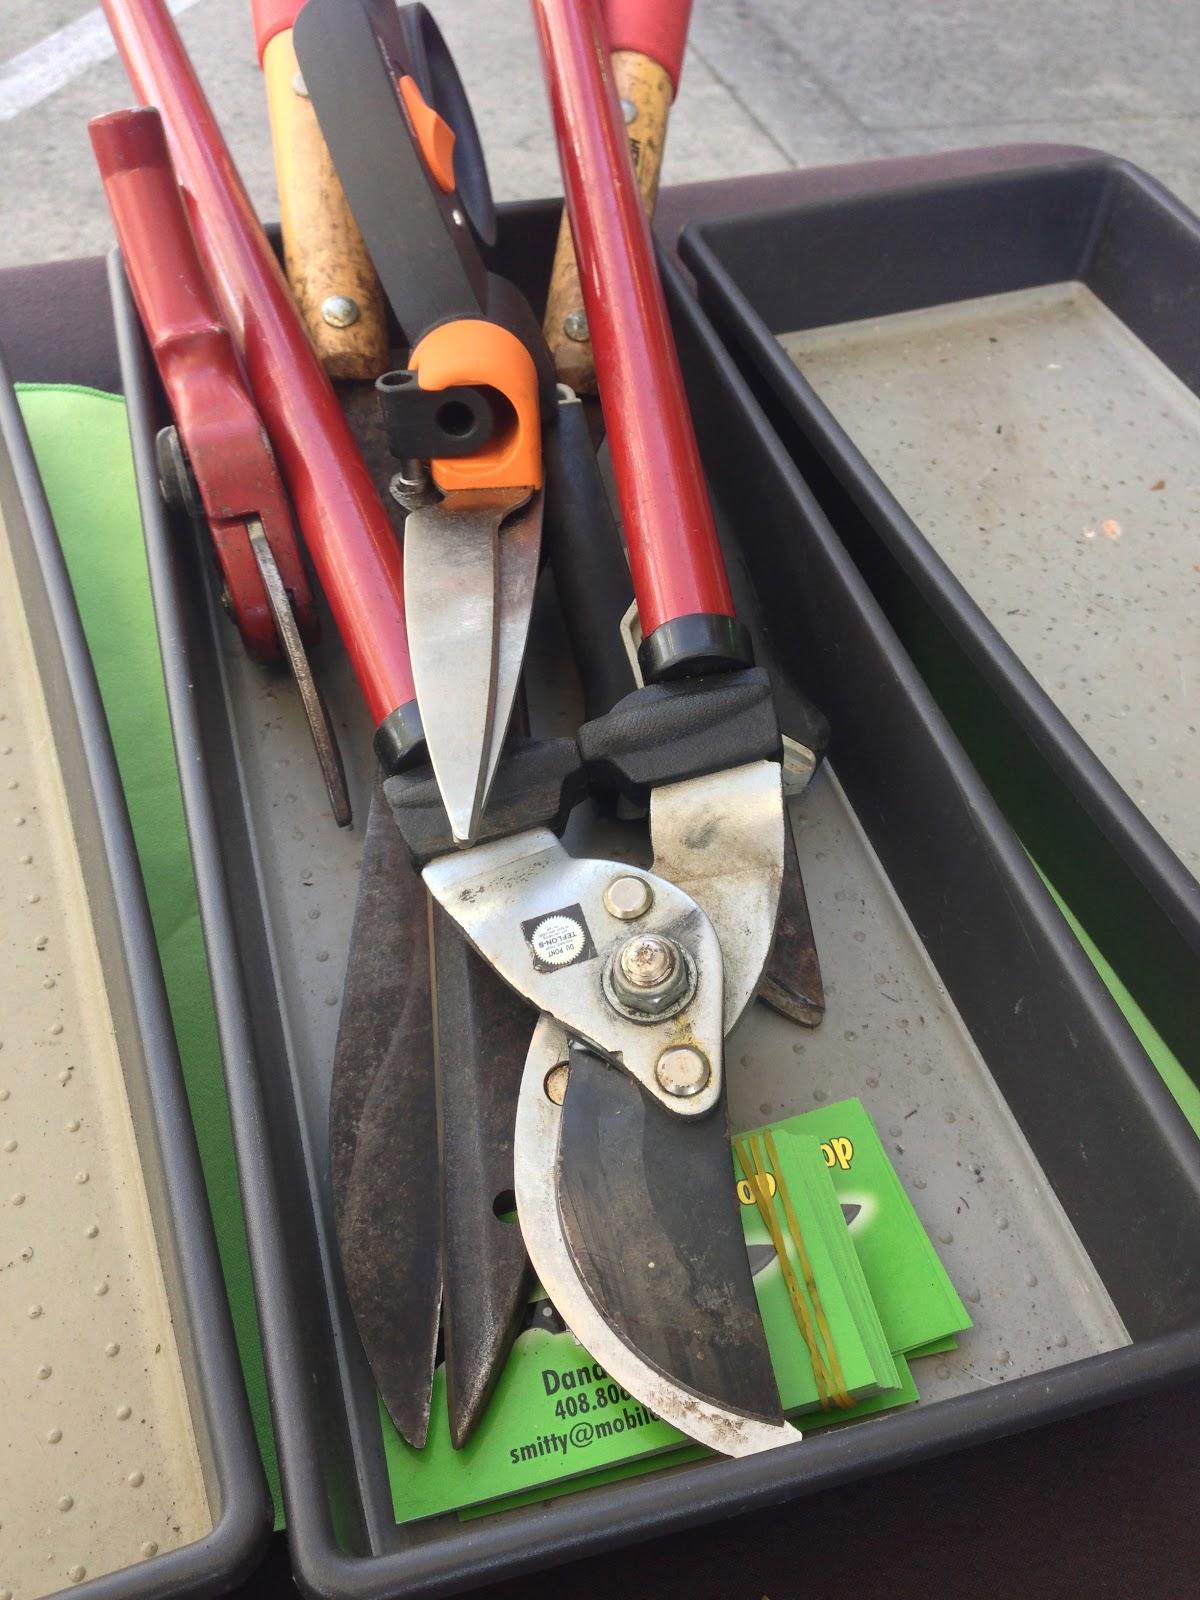 Mobile Knife Sharpening / Knife Sales: Yes, I Sharpen